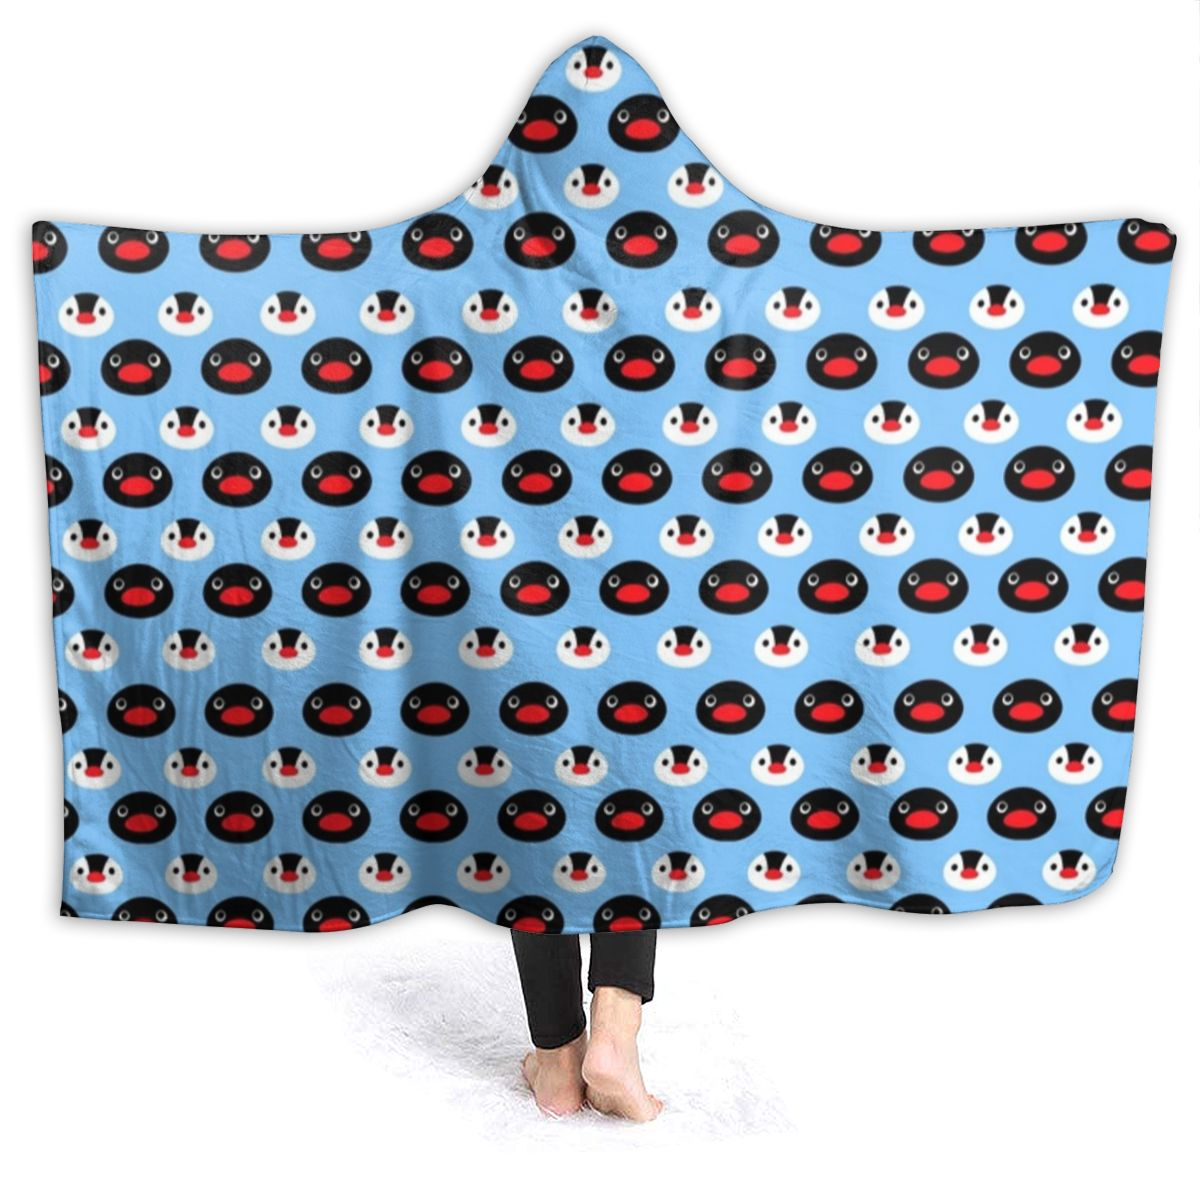 بينجو بطانية موضة مضحك مع غطاء محرك السيارة المفرش الصوف كرسي بطانية ناعمة